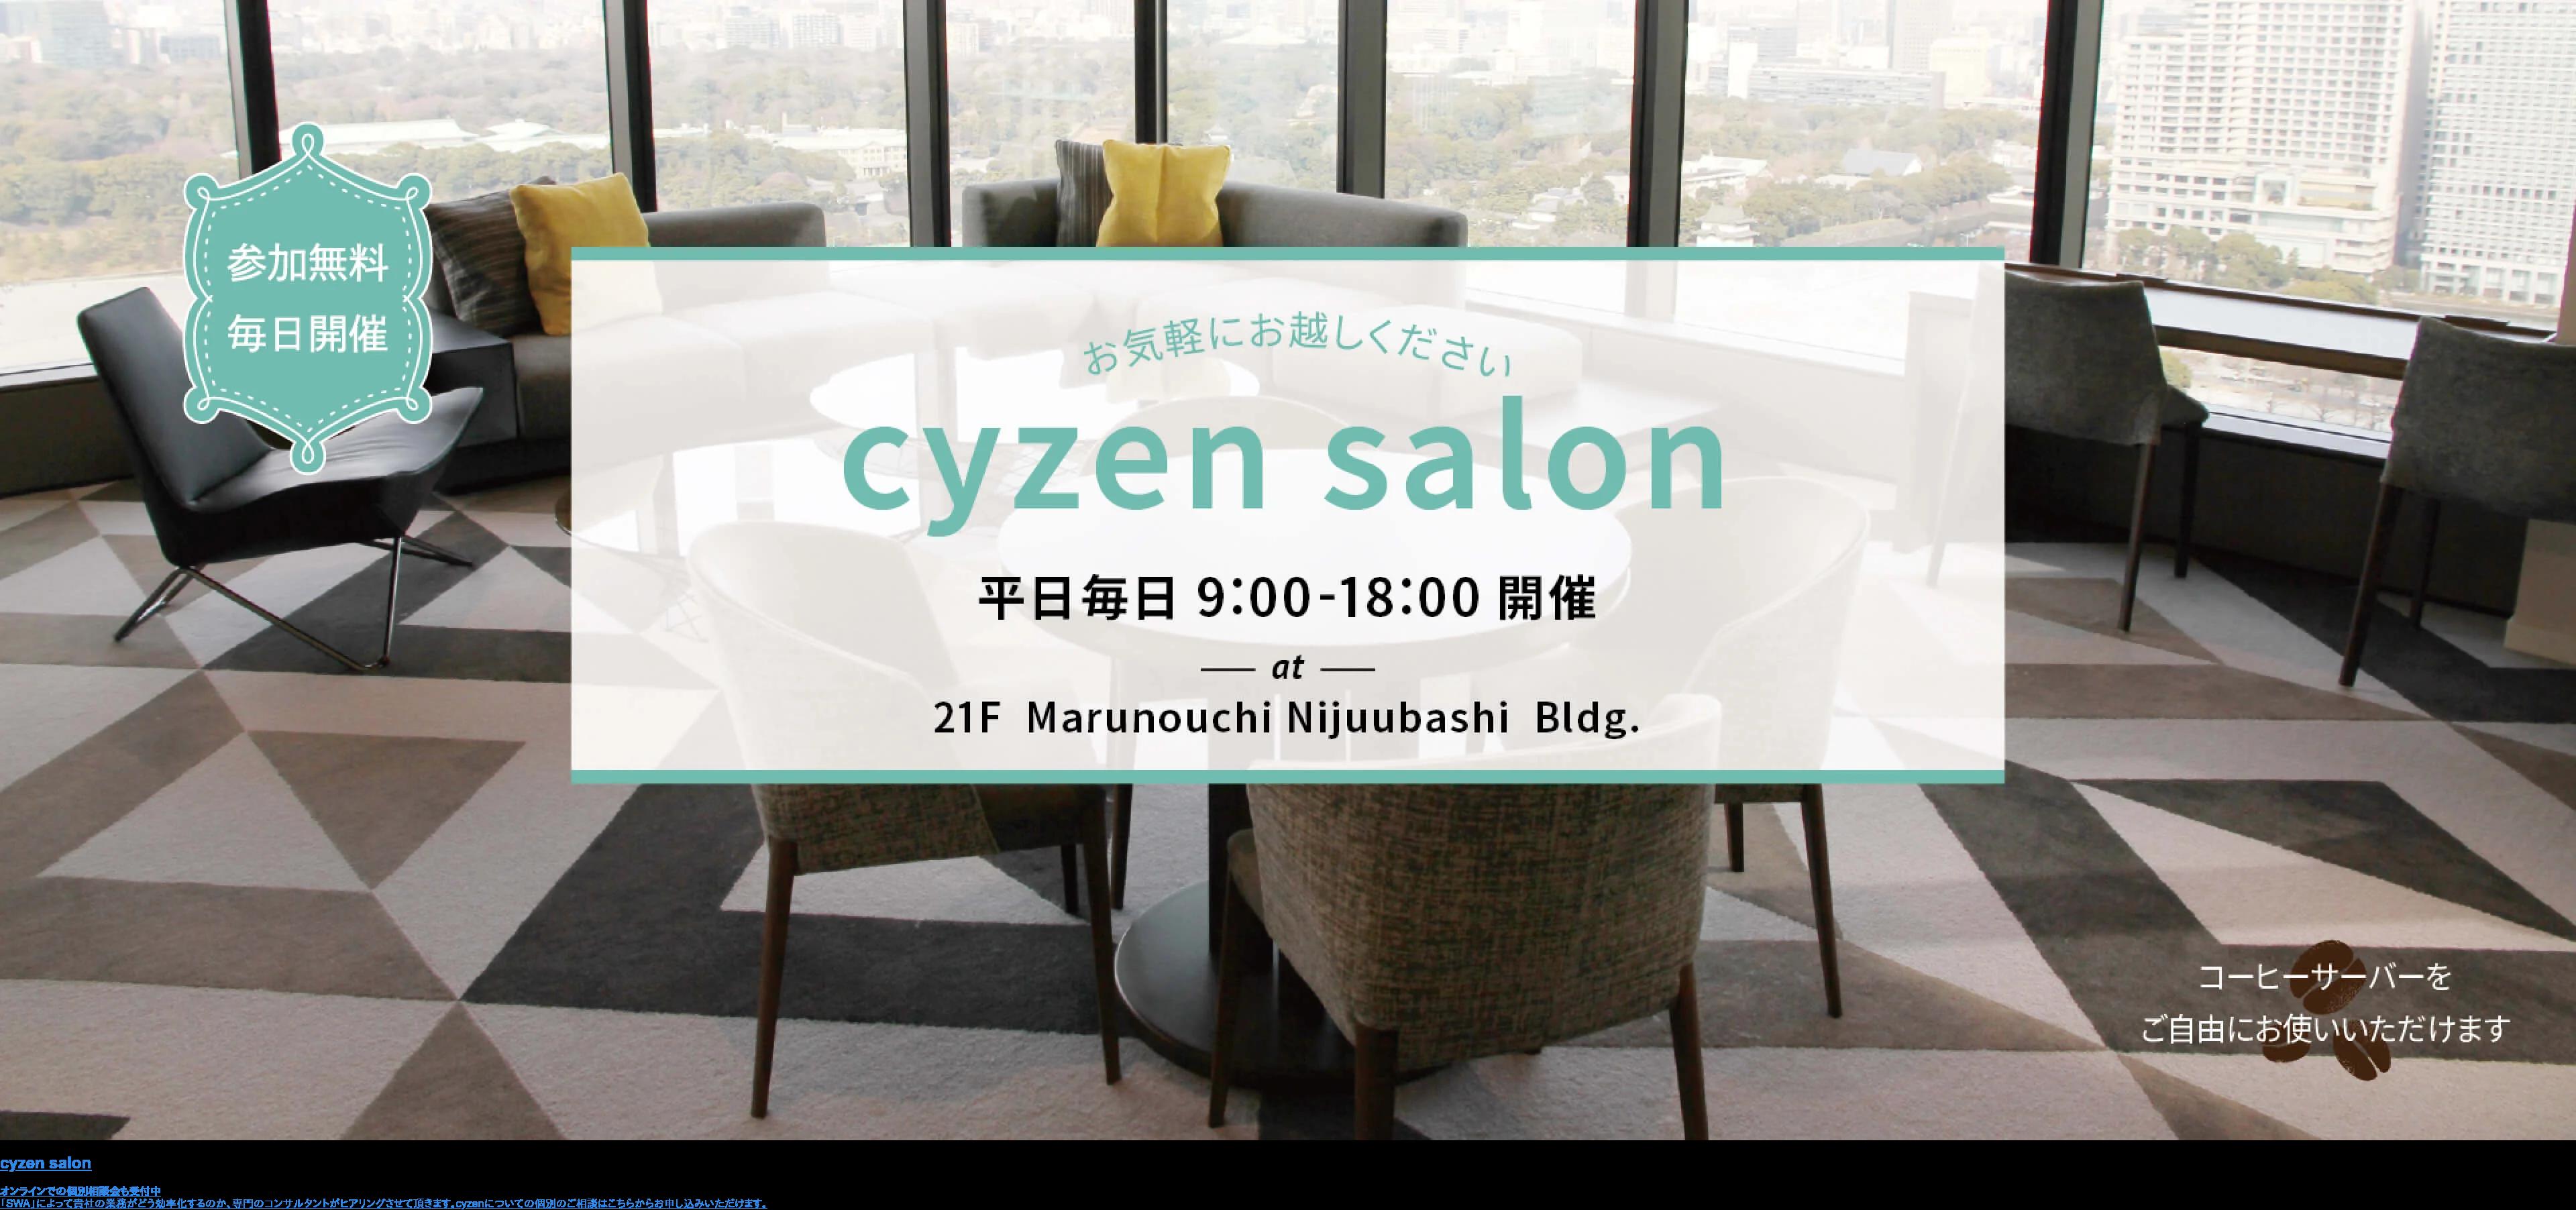 cyzen salon  オンラインでの個別相談会も受付中  「SWA」によって貴社の業務がどう効率化するのか、専門のコンサルタントがヒアリングさせて頂きます。cyzenについての個別のご相談はこちらからお申し込みいただけます。